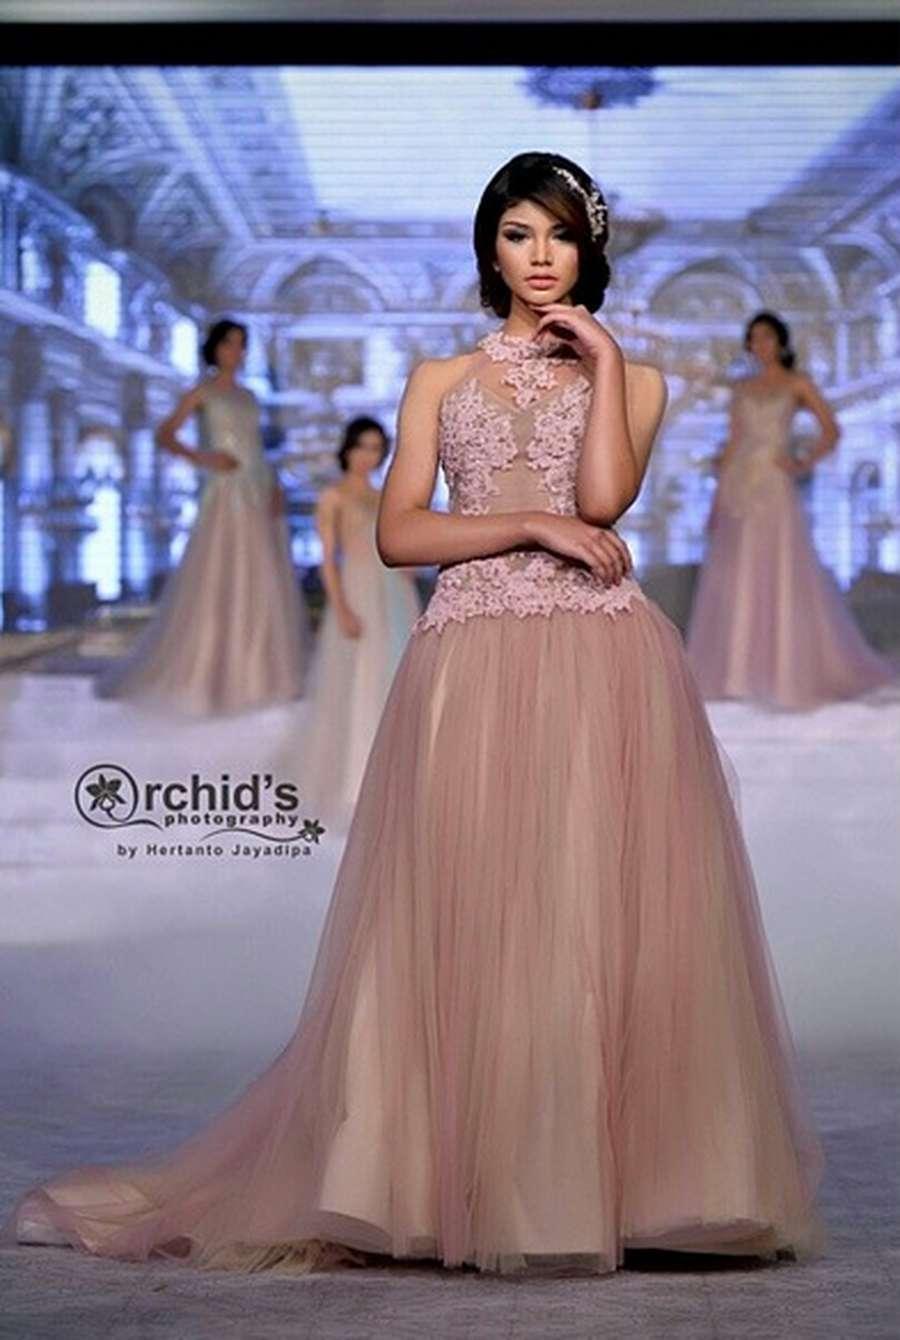 Cantiknya Jihane Almira Chedid Bikin Naksir